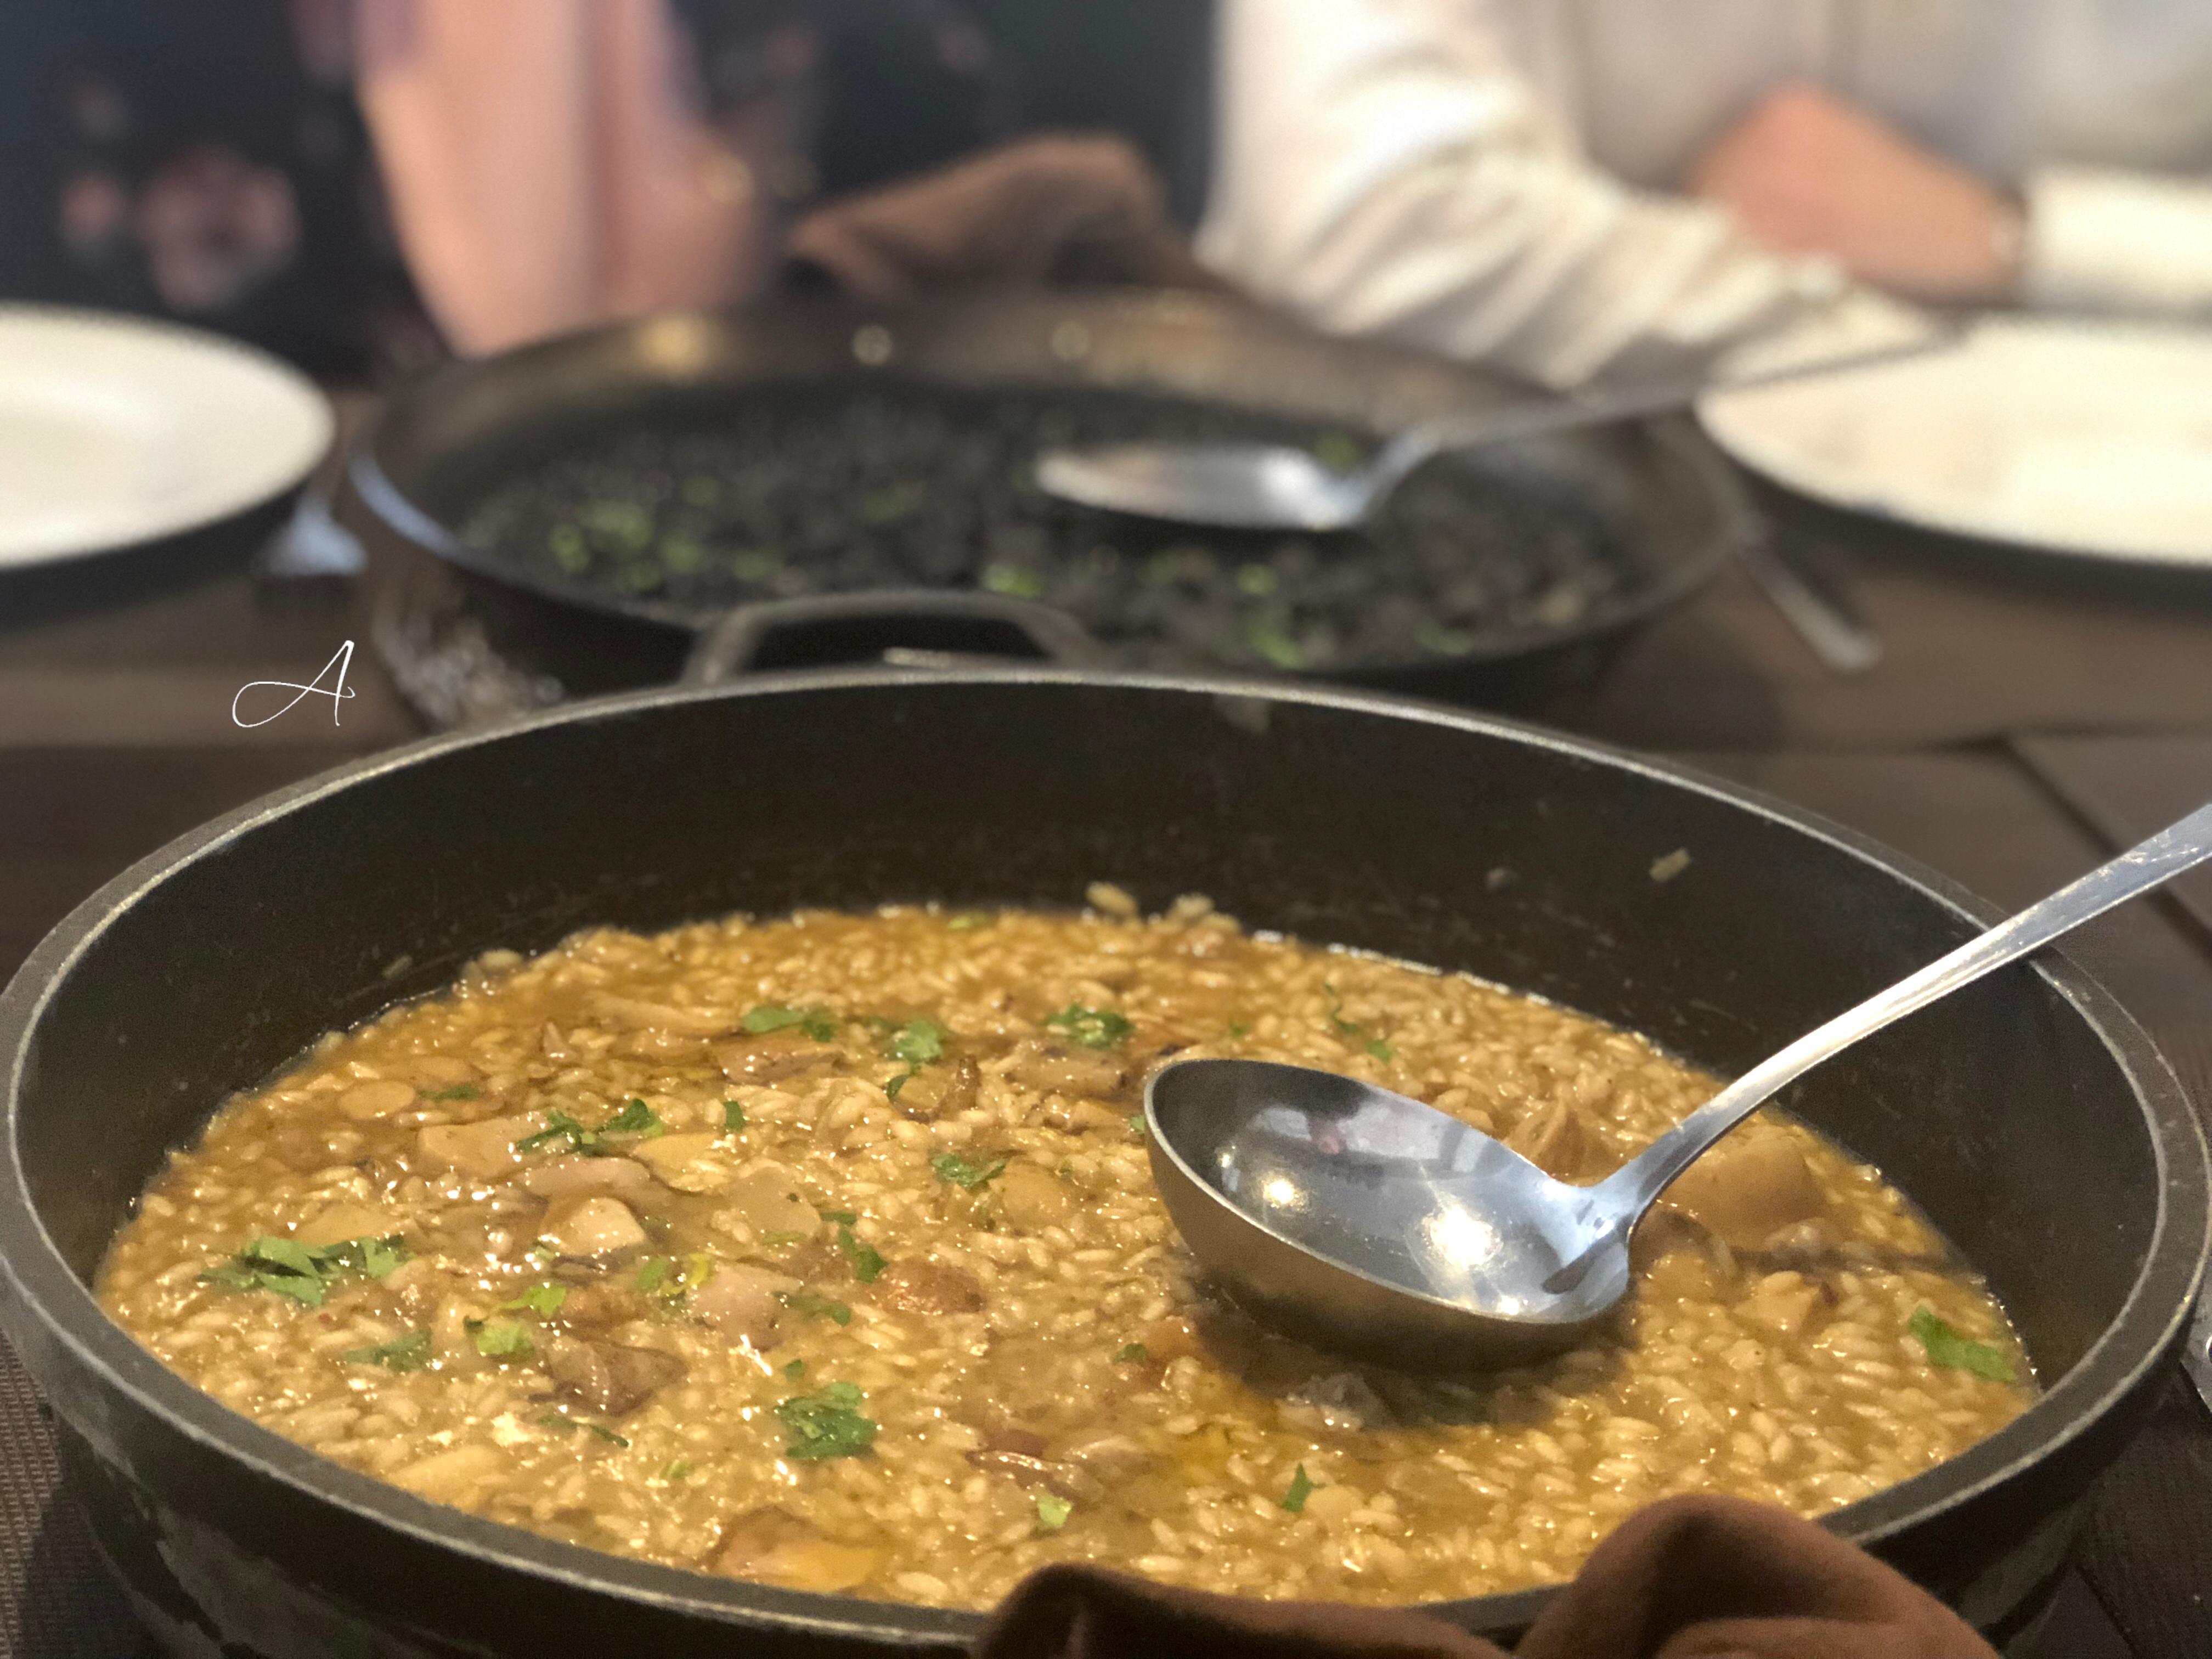 Arroz meloso y arroz negro